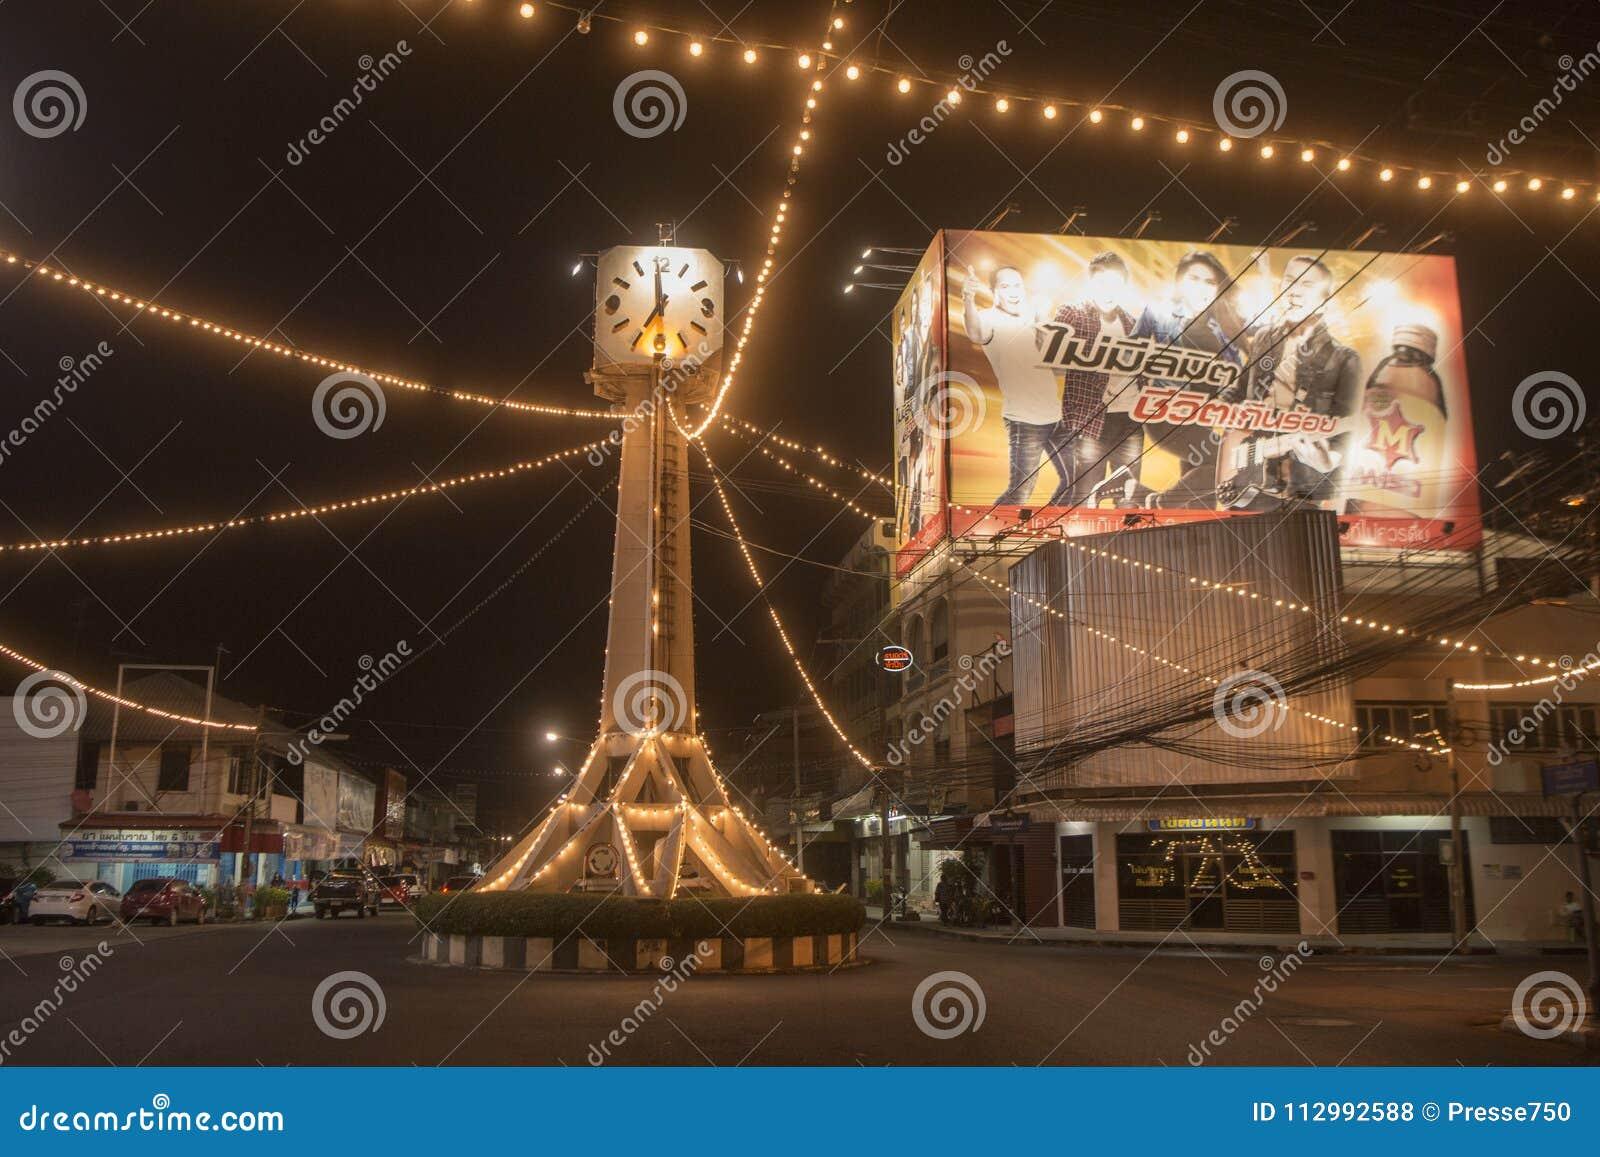 THAILAND BURIRAM CITY CENTRE CLOCK TOWER